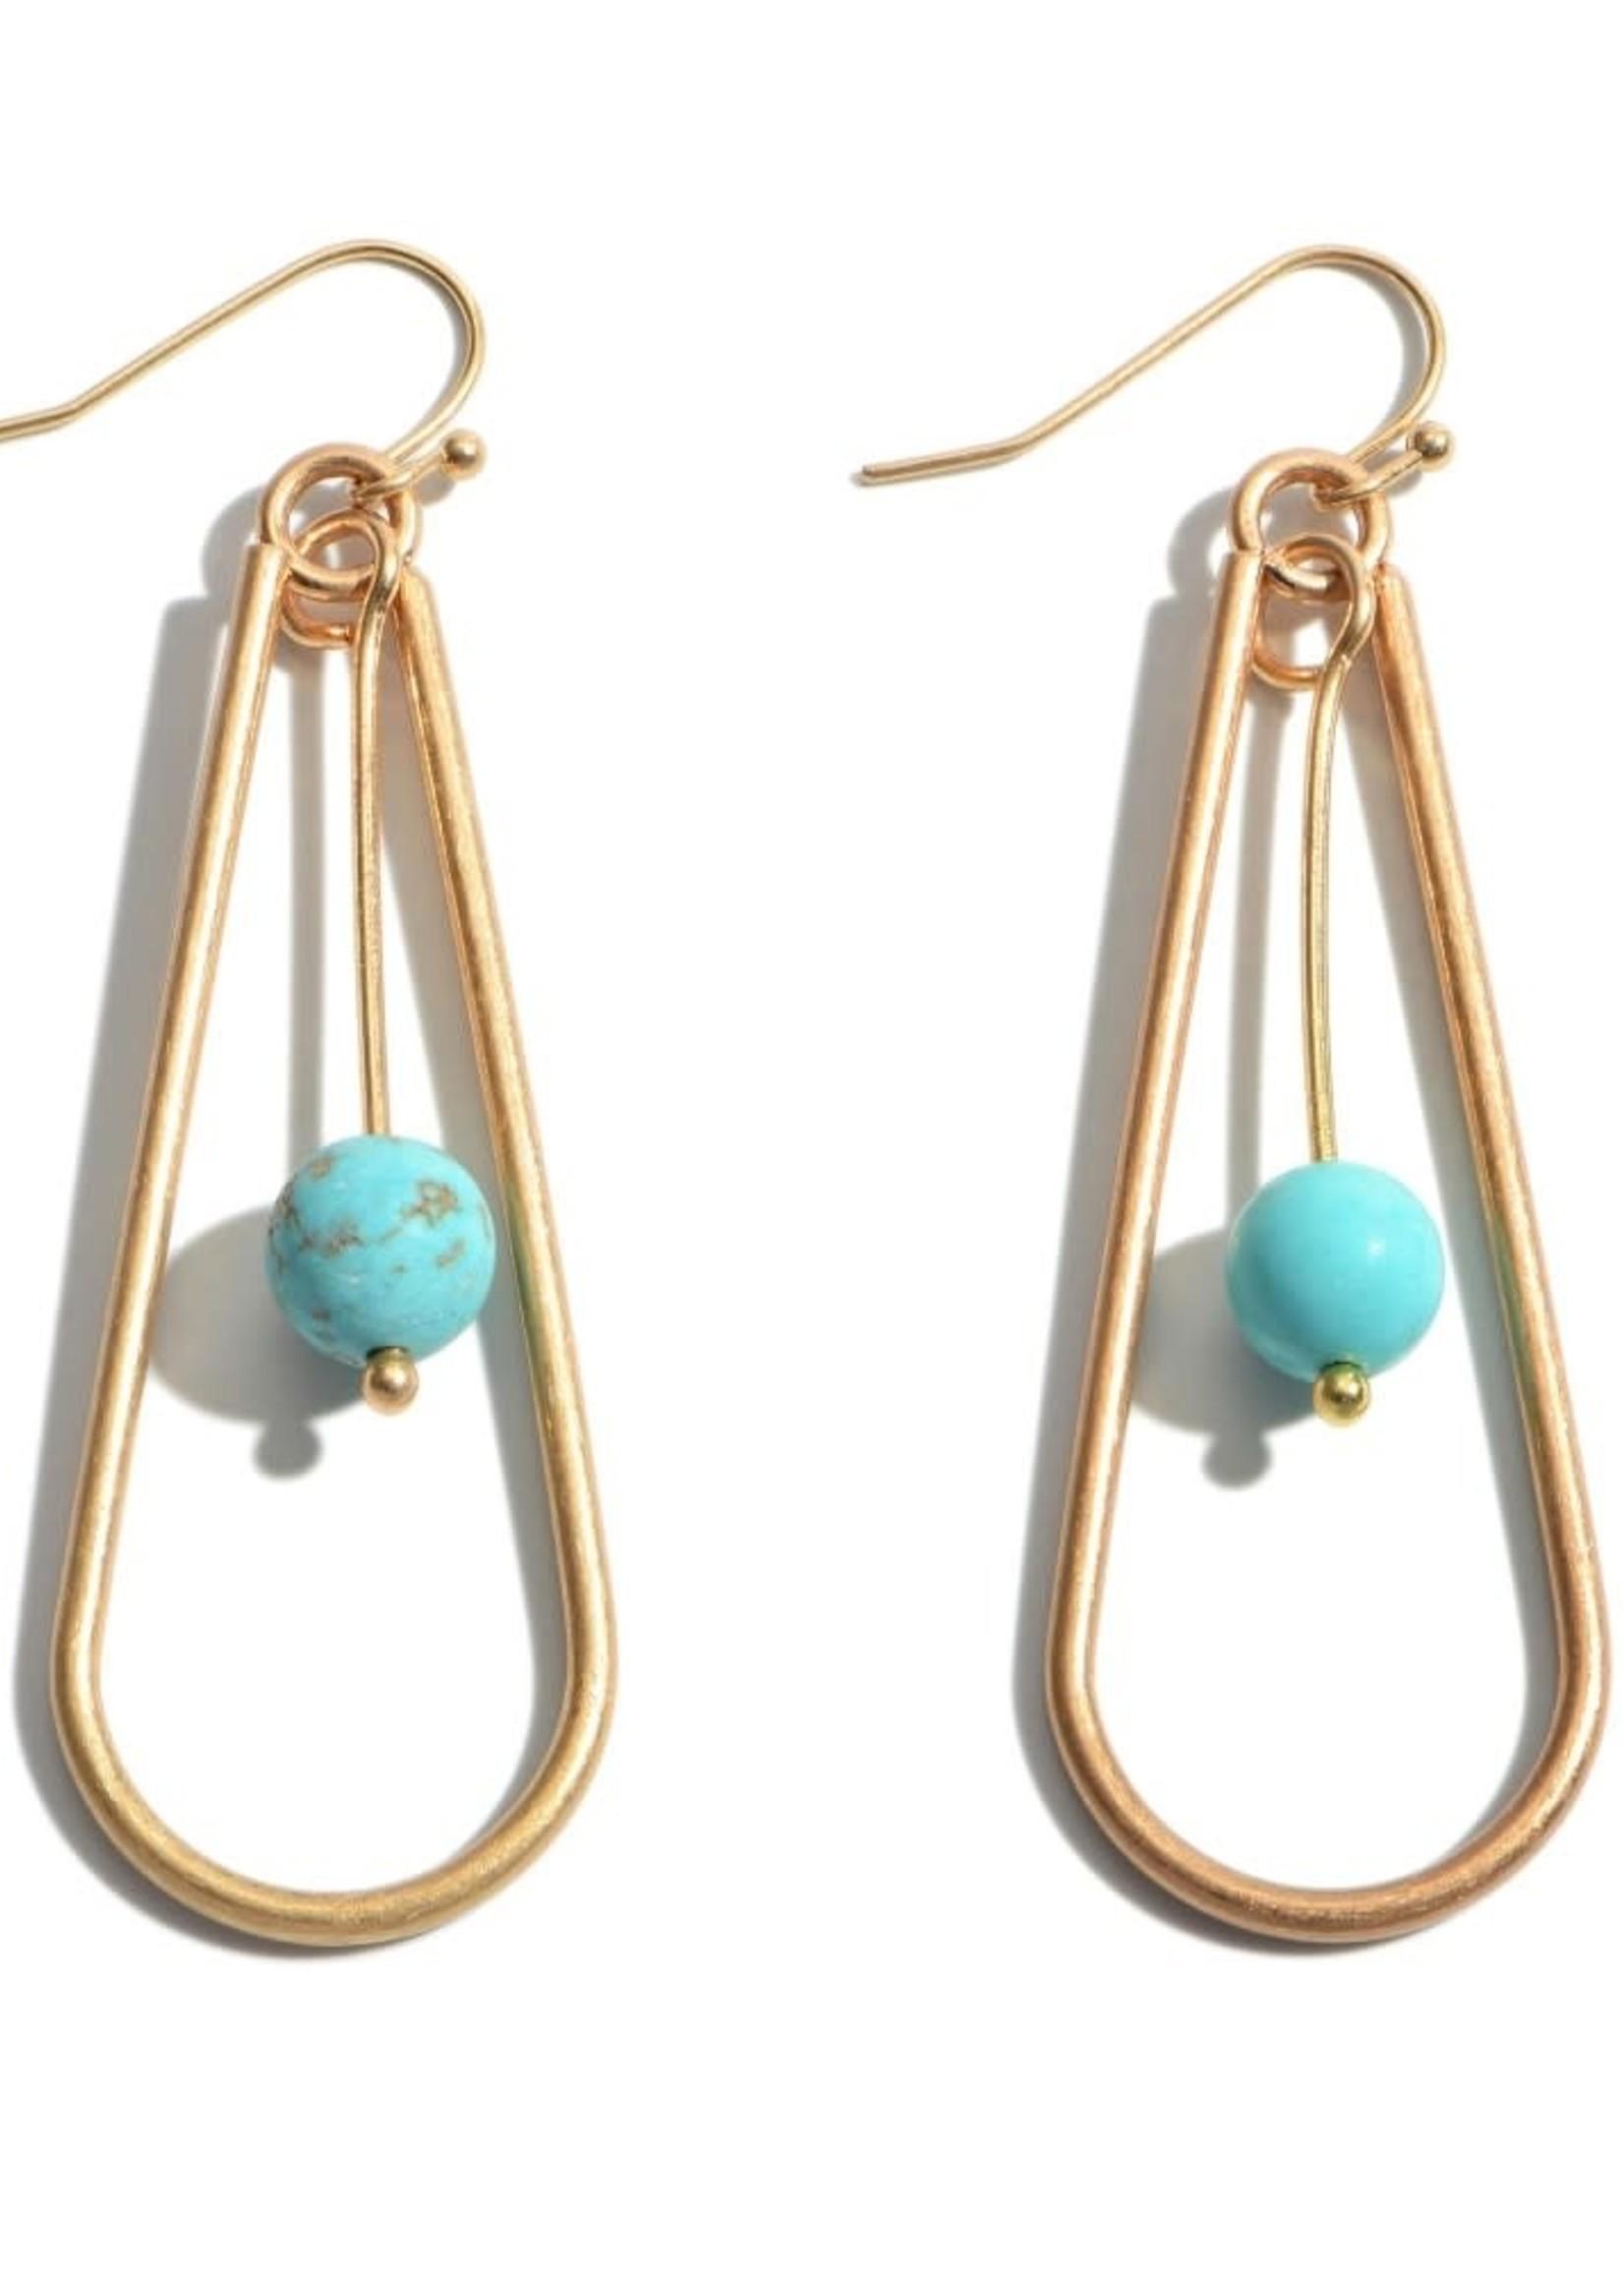 Turquoise Nested Teardrop Earrings